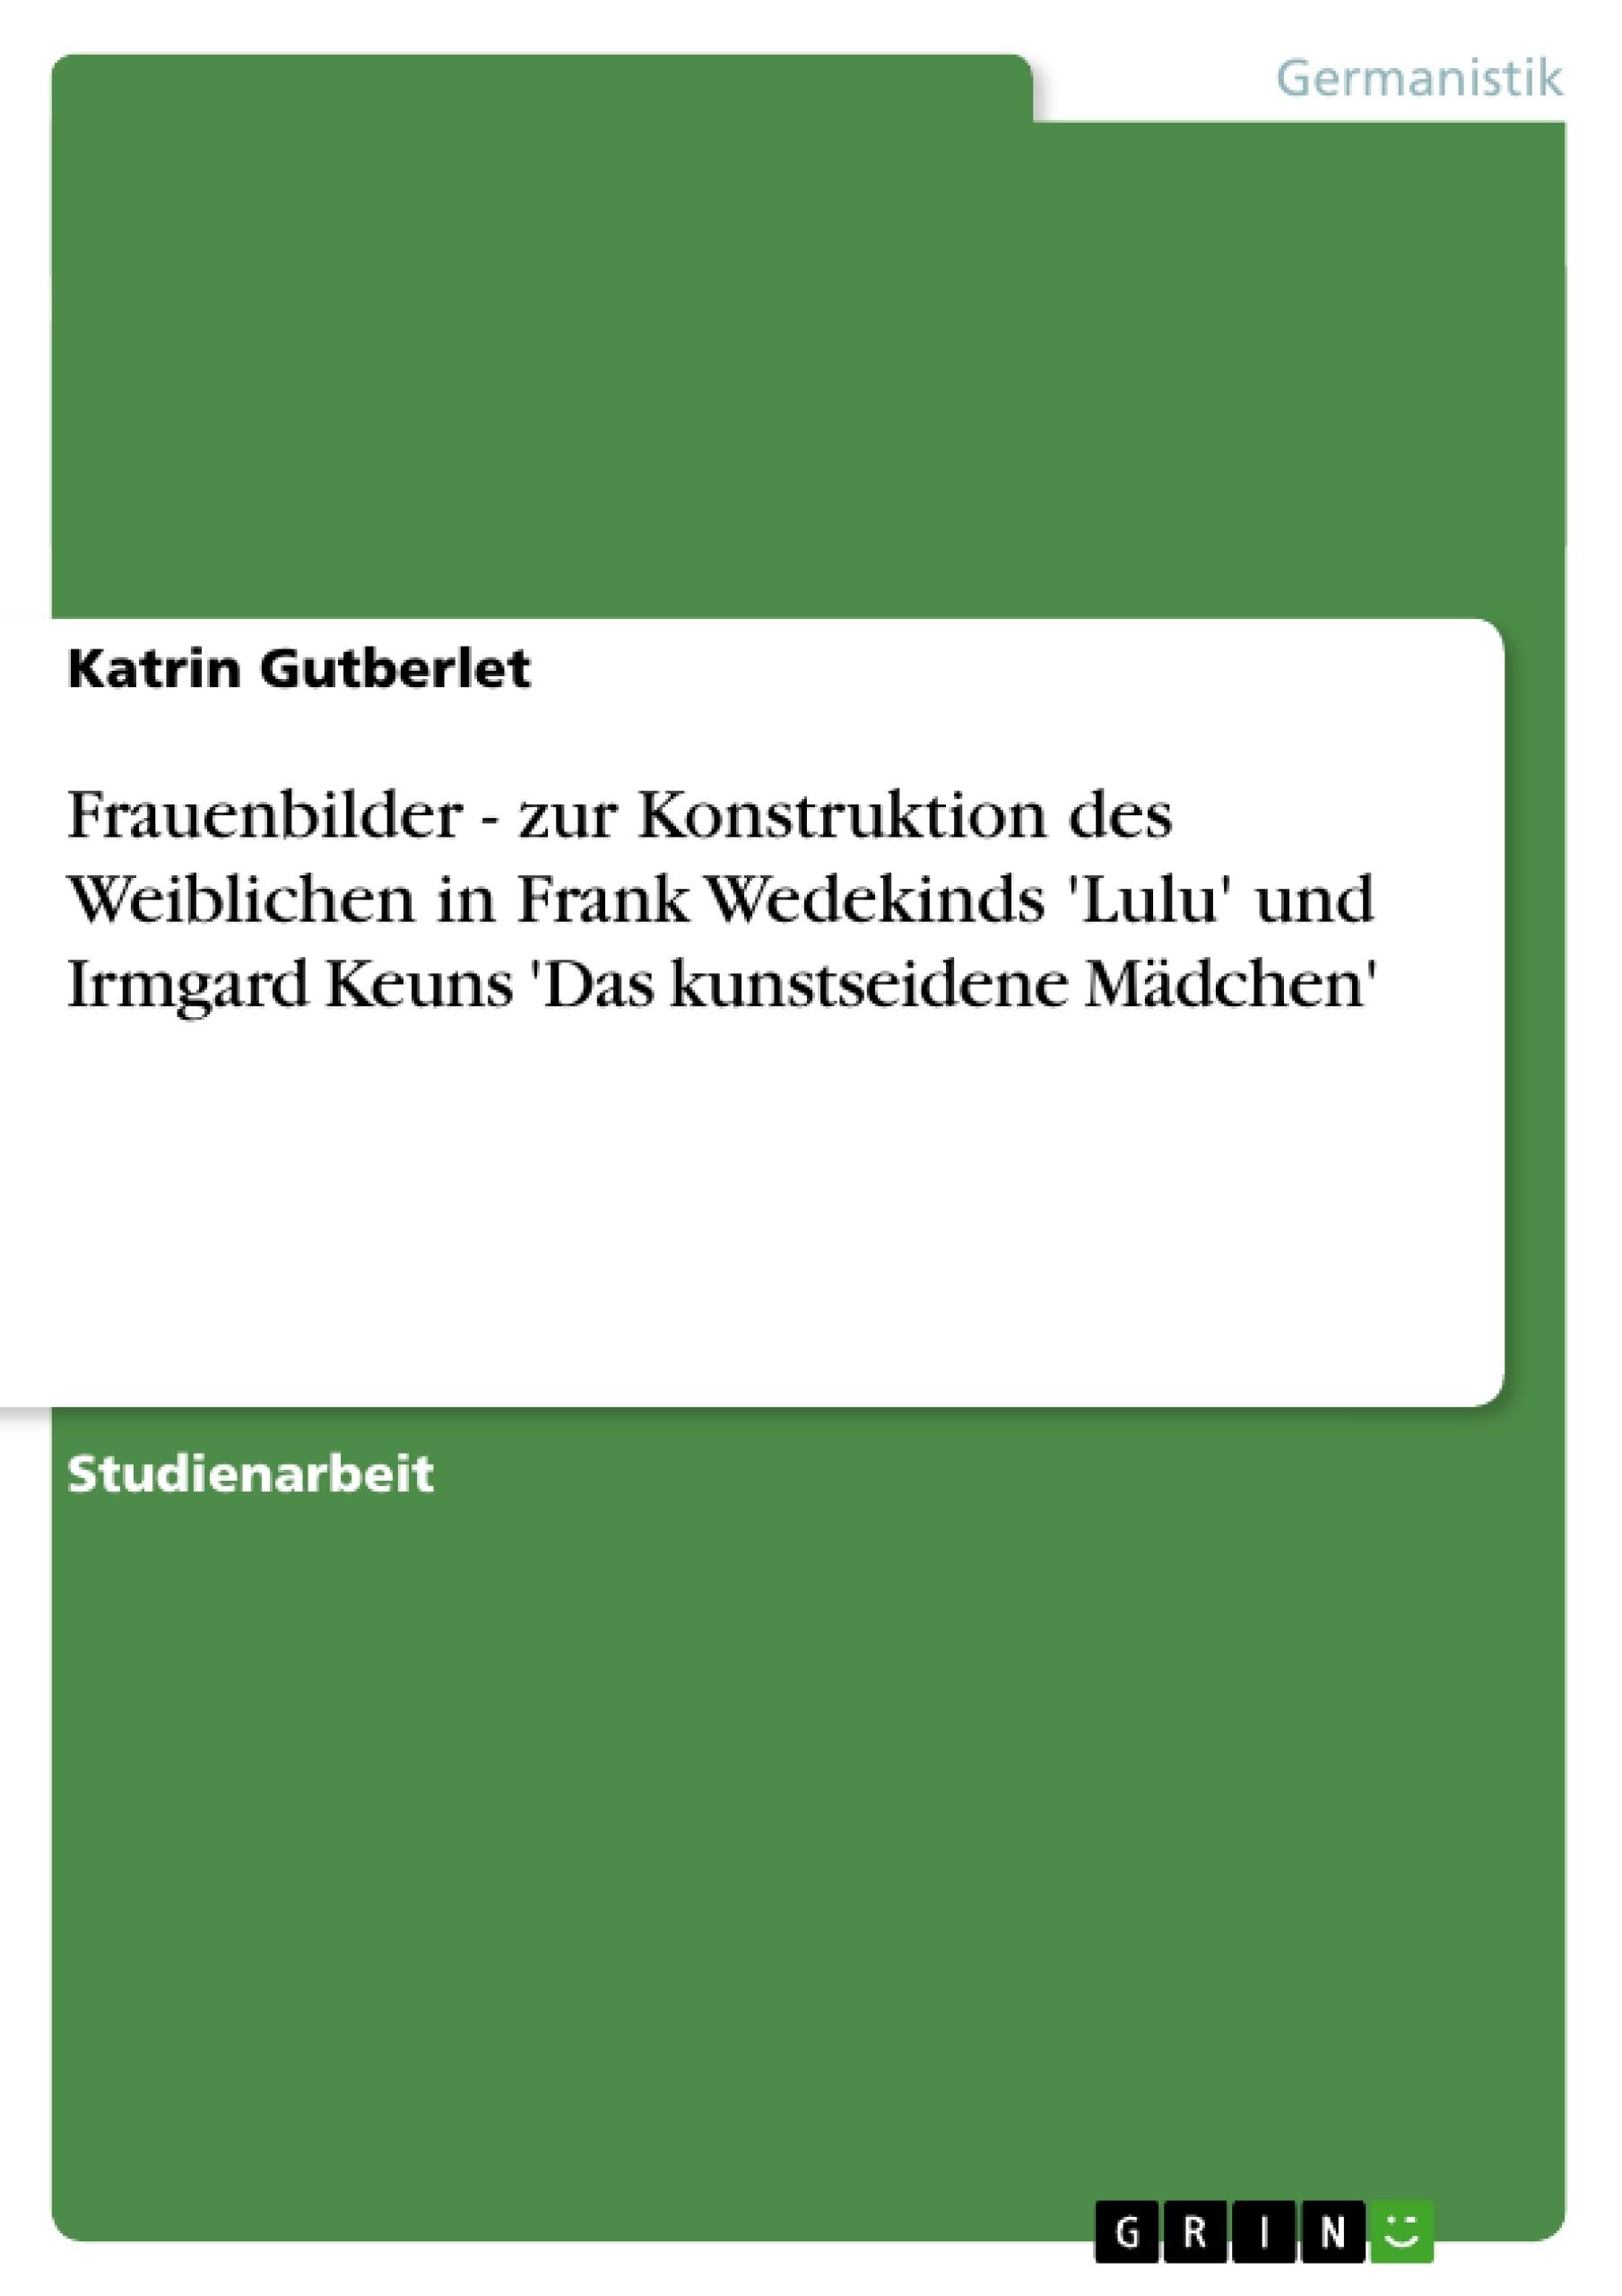 Titel: Frauenbilder - zur Konstruktion des Weiblichen in Frank Wedekinds 'Lulu' und Irmgard Keuns 'Das kunstseidene Mädchen'